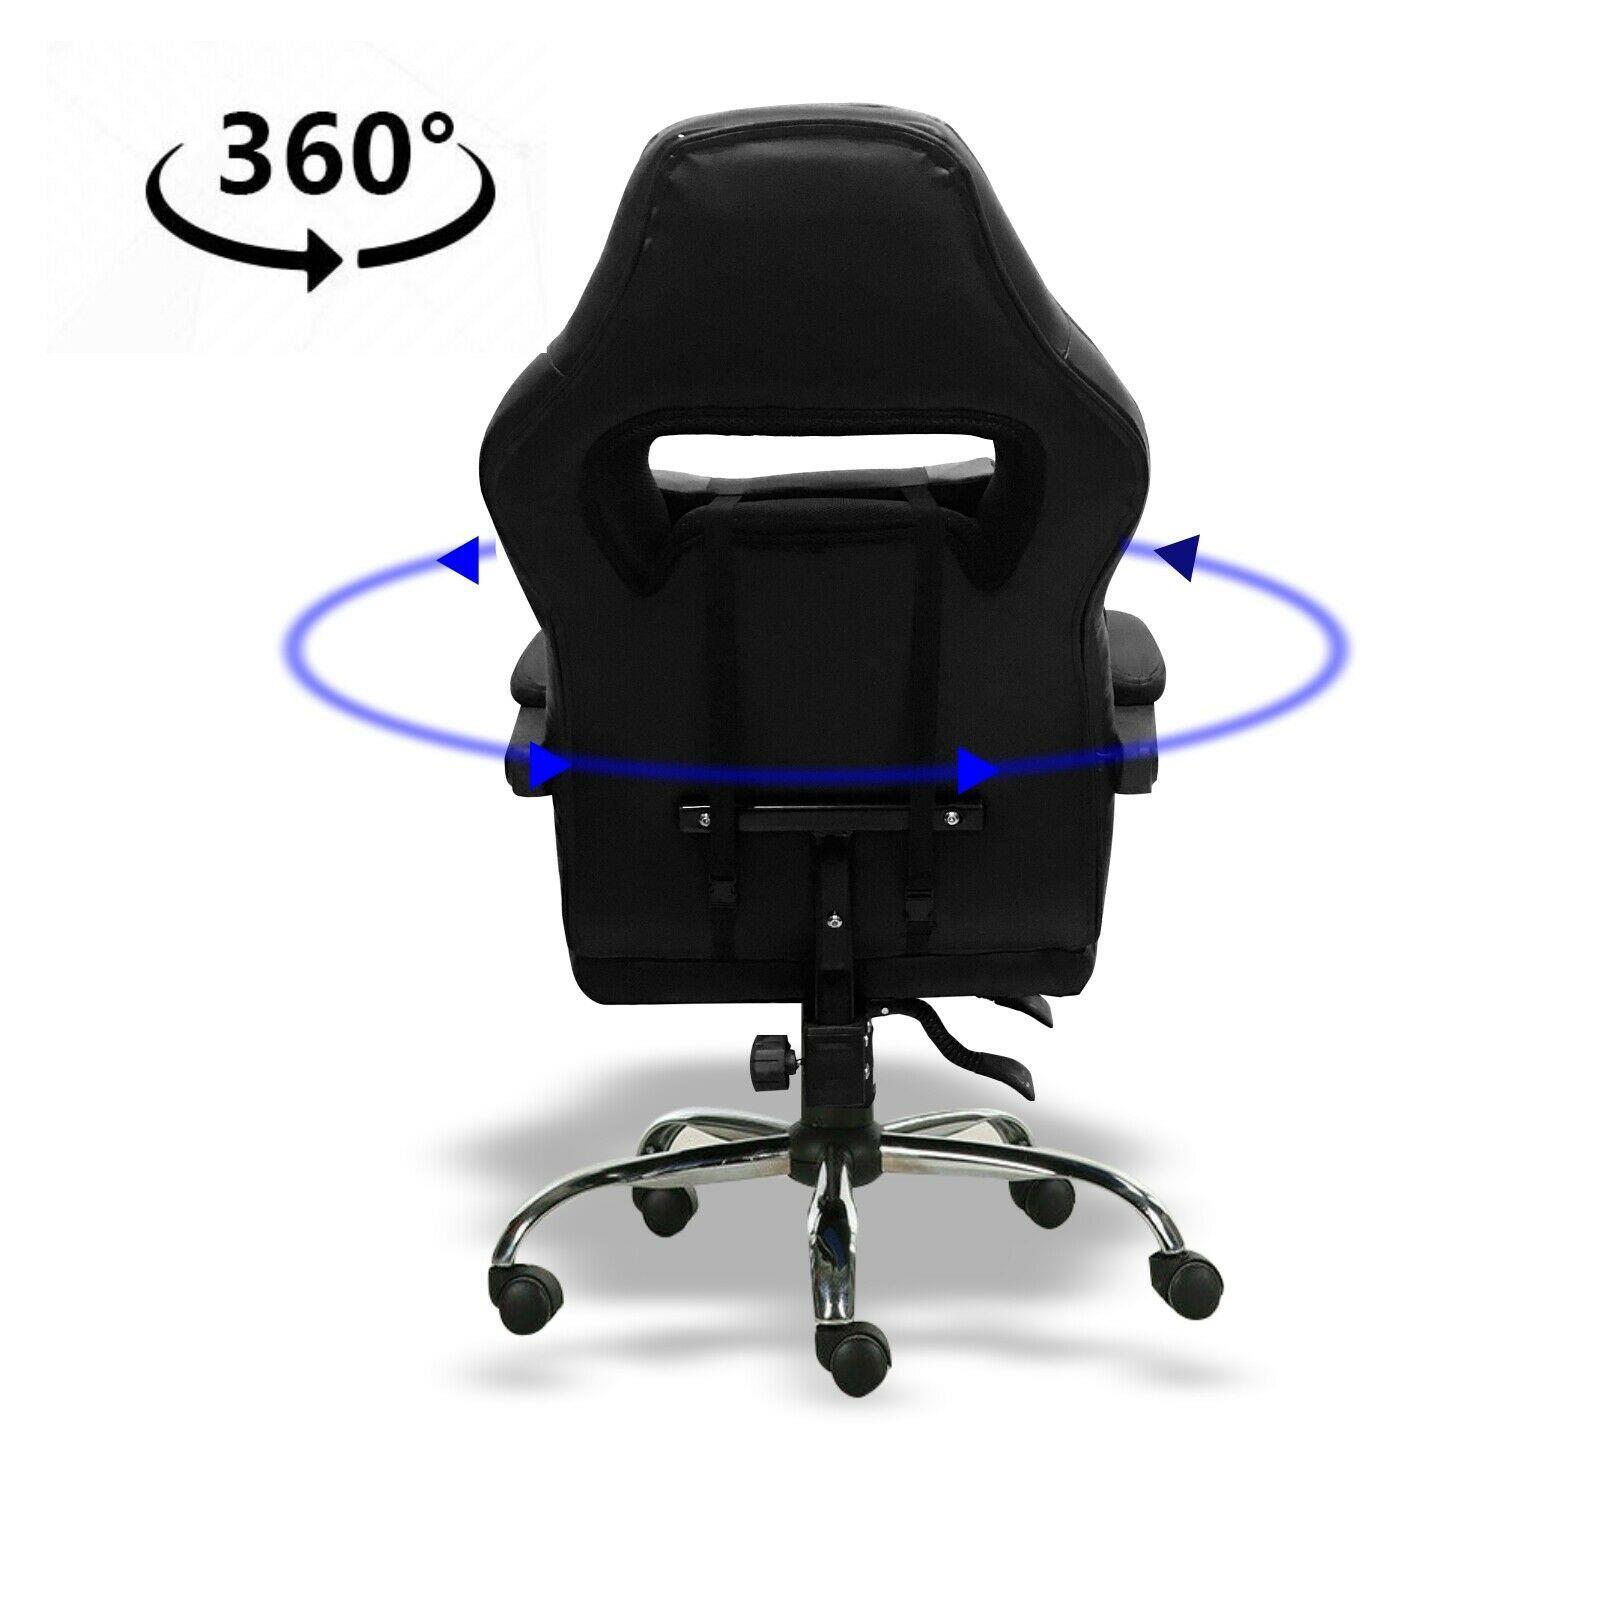 Silla-para-juegos-con-reclinable-silla-de-oficina-de-Carreras-Reposapies-Computadora-Escritorio miniatura 16